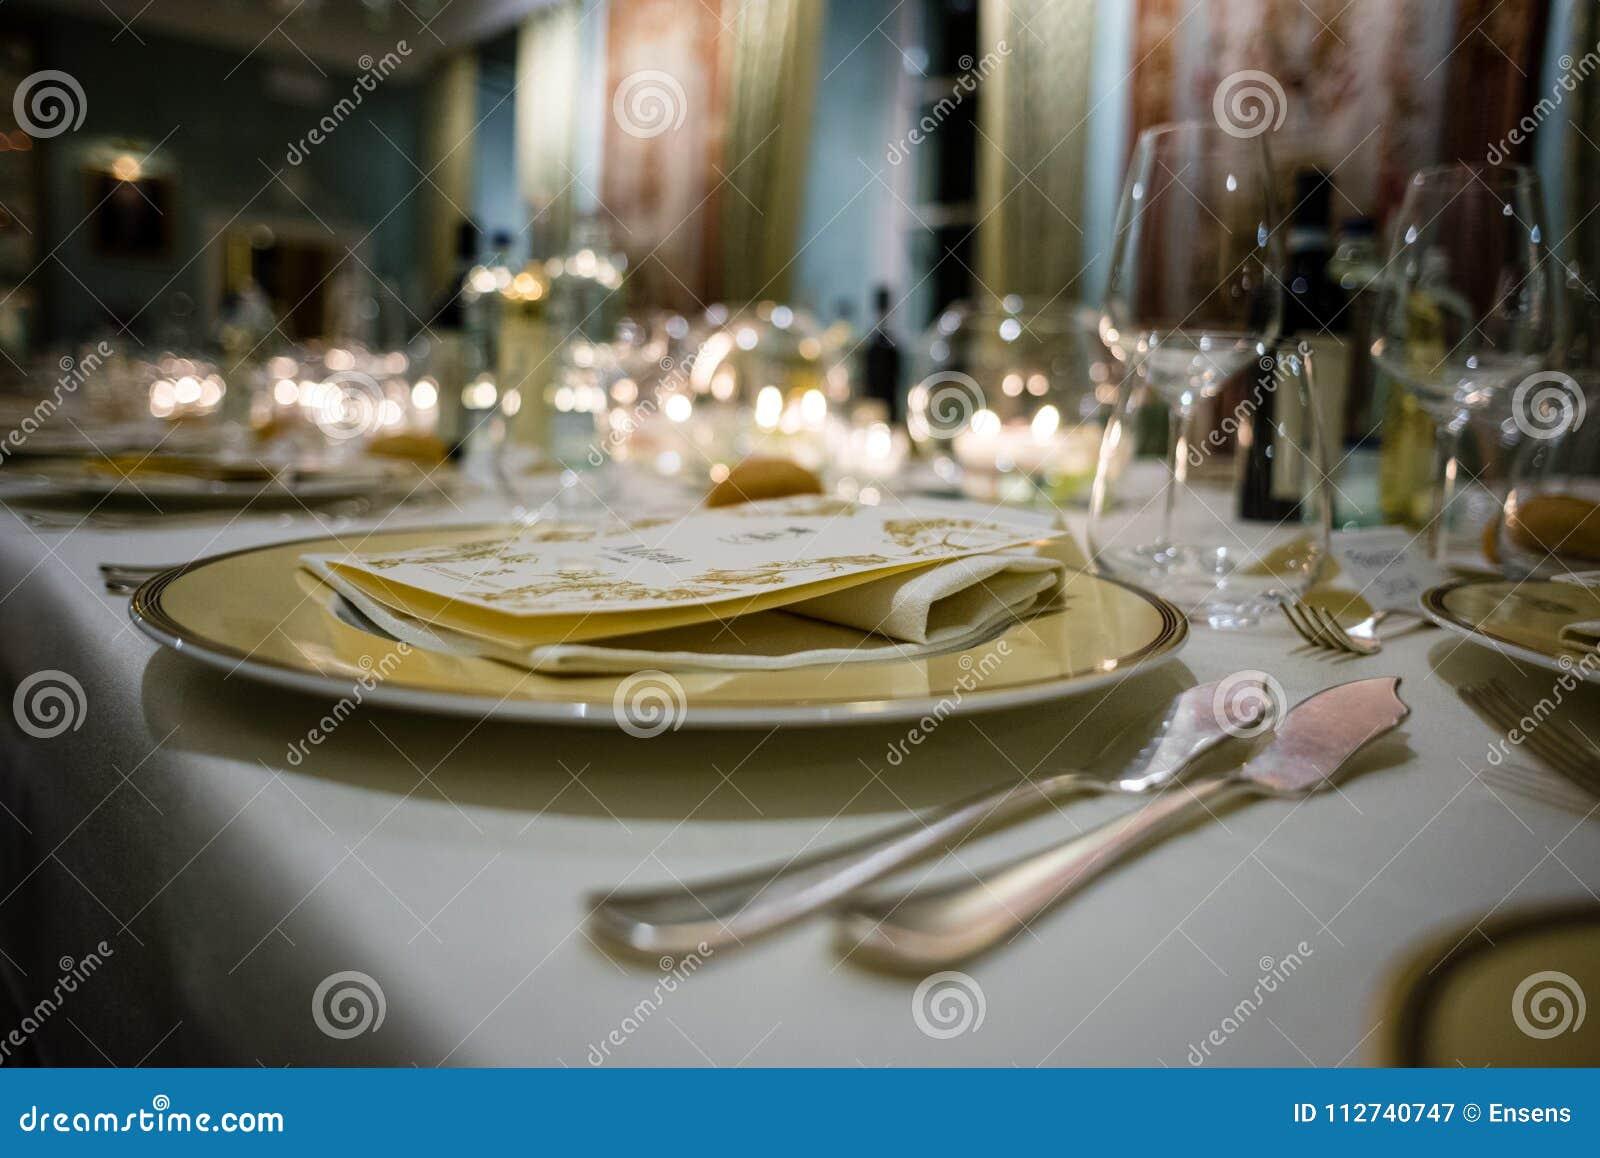 Table dans un restaurant de luxe, ensemble pour un dîner de gala